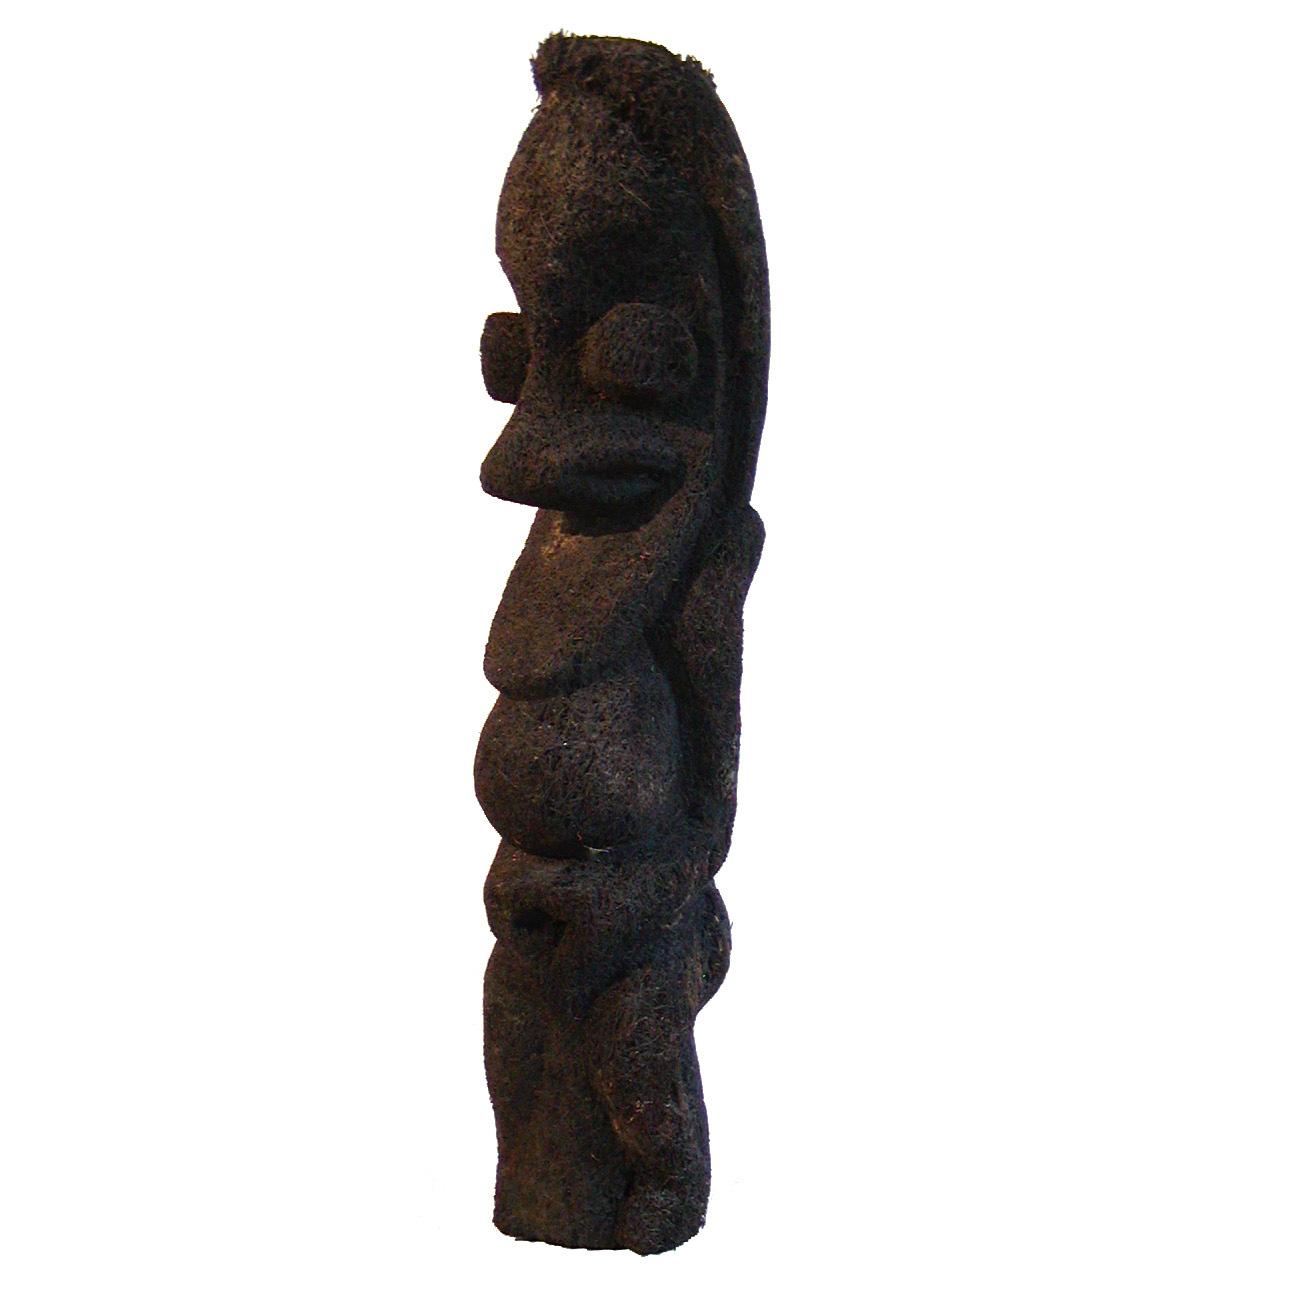 EH40001: Vanuatu Fern figure